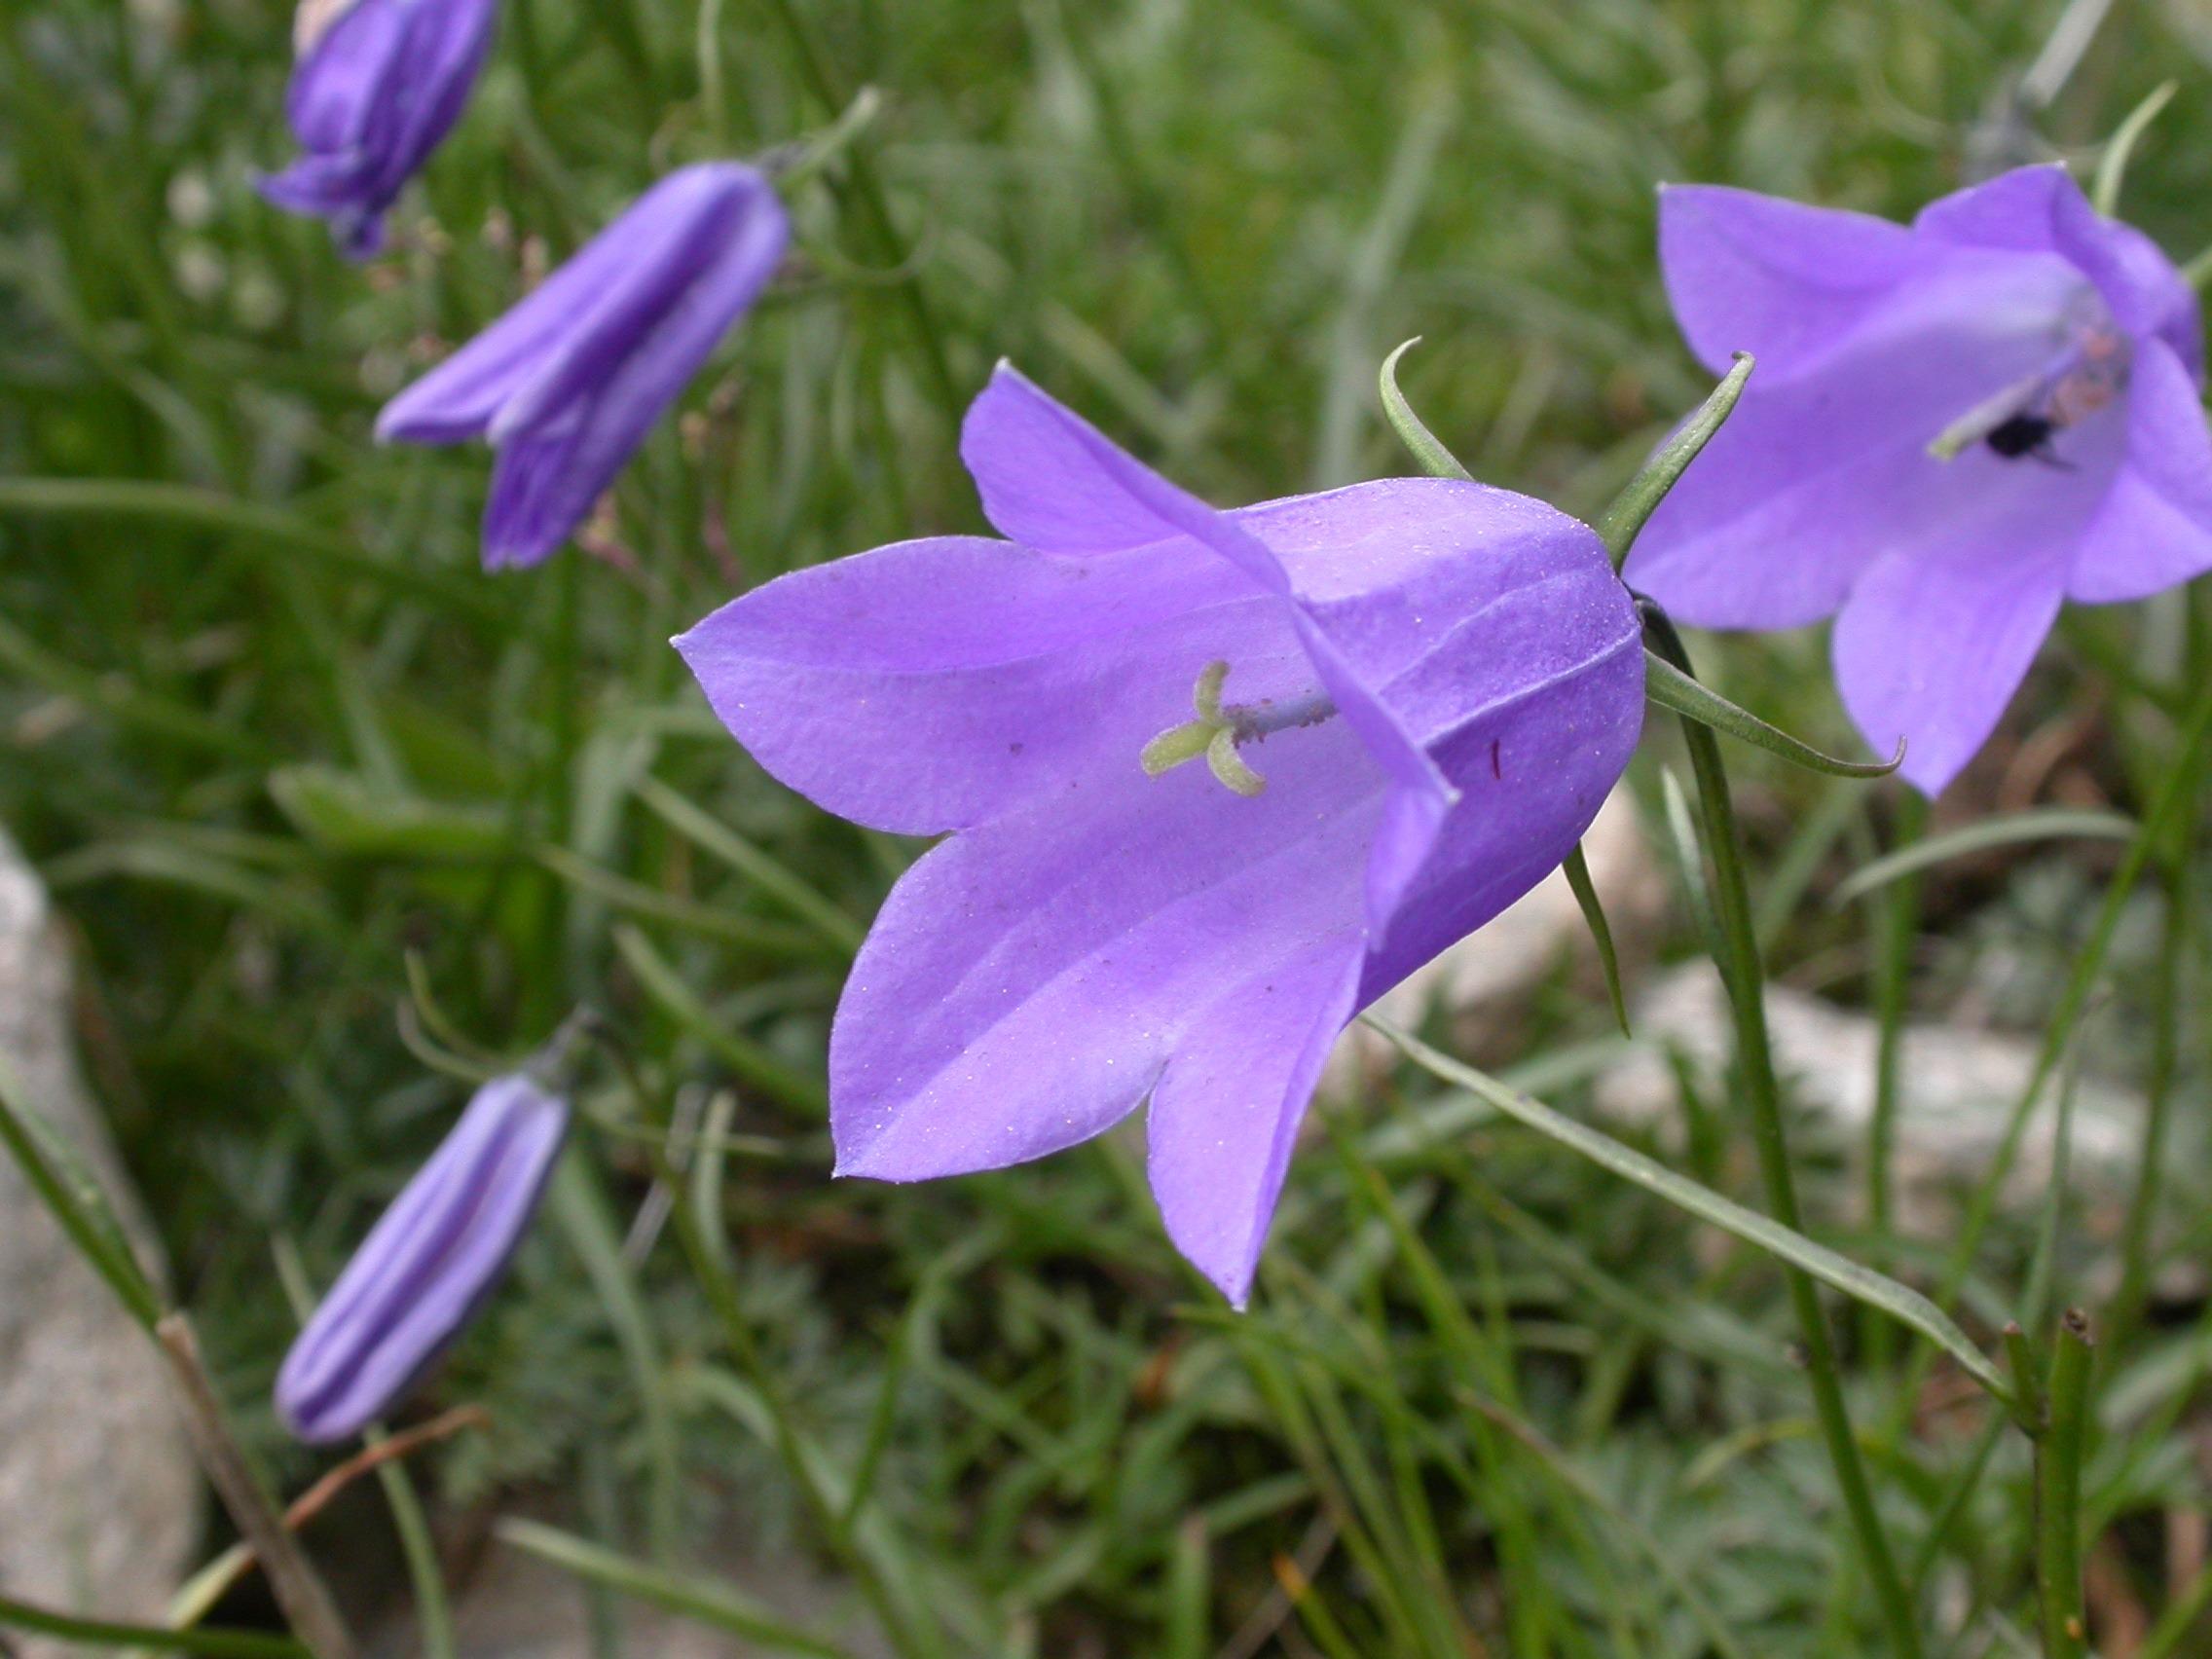 Images Gratuites : fleur, pétale, cloche, botanique, flore ...